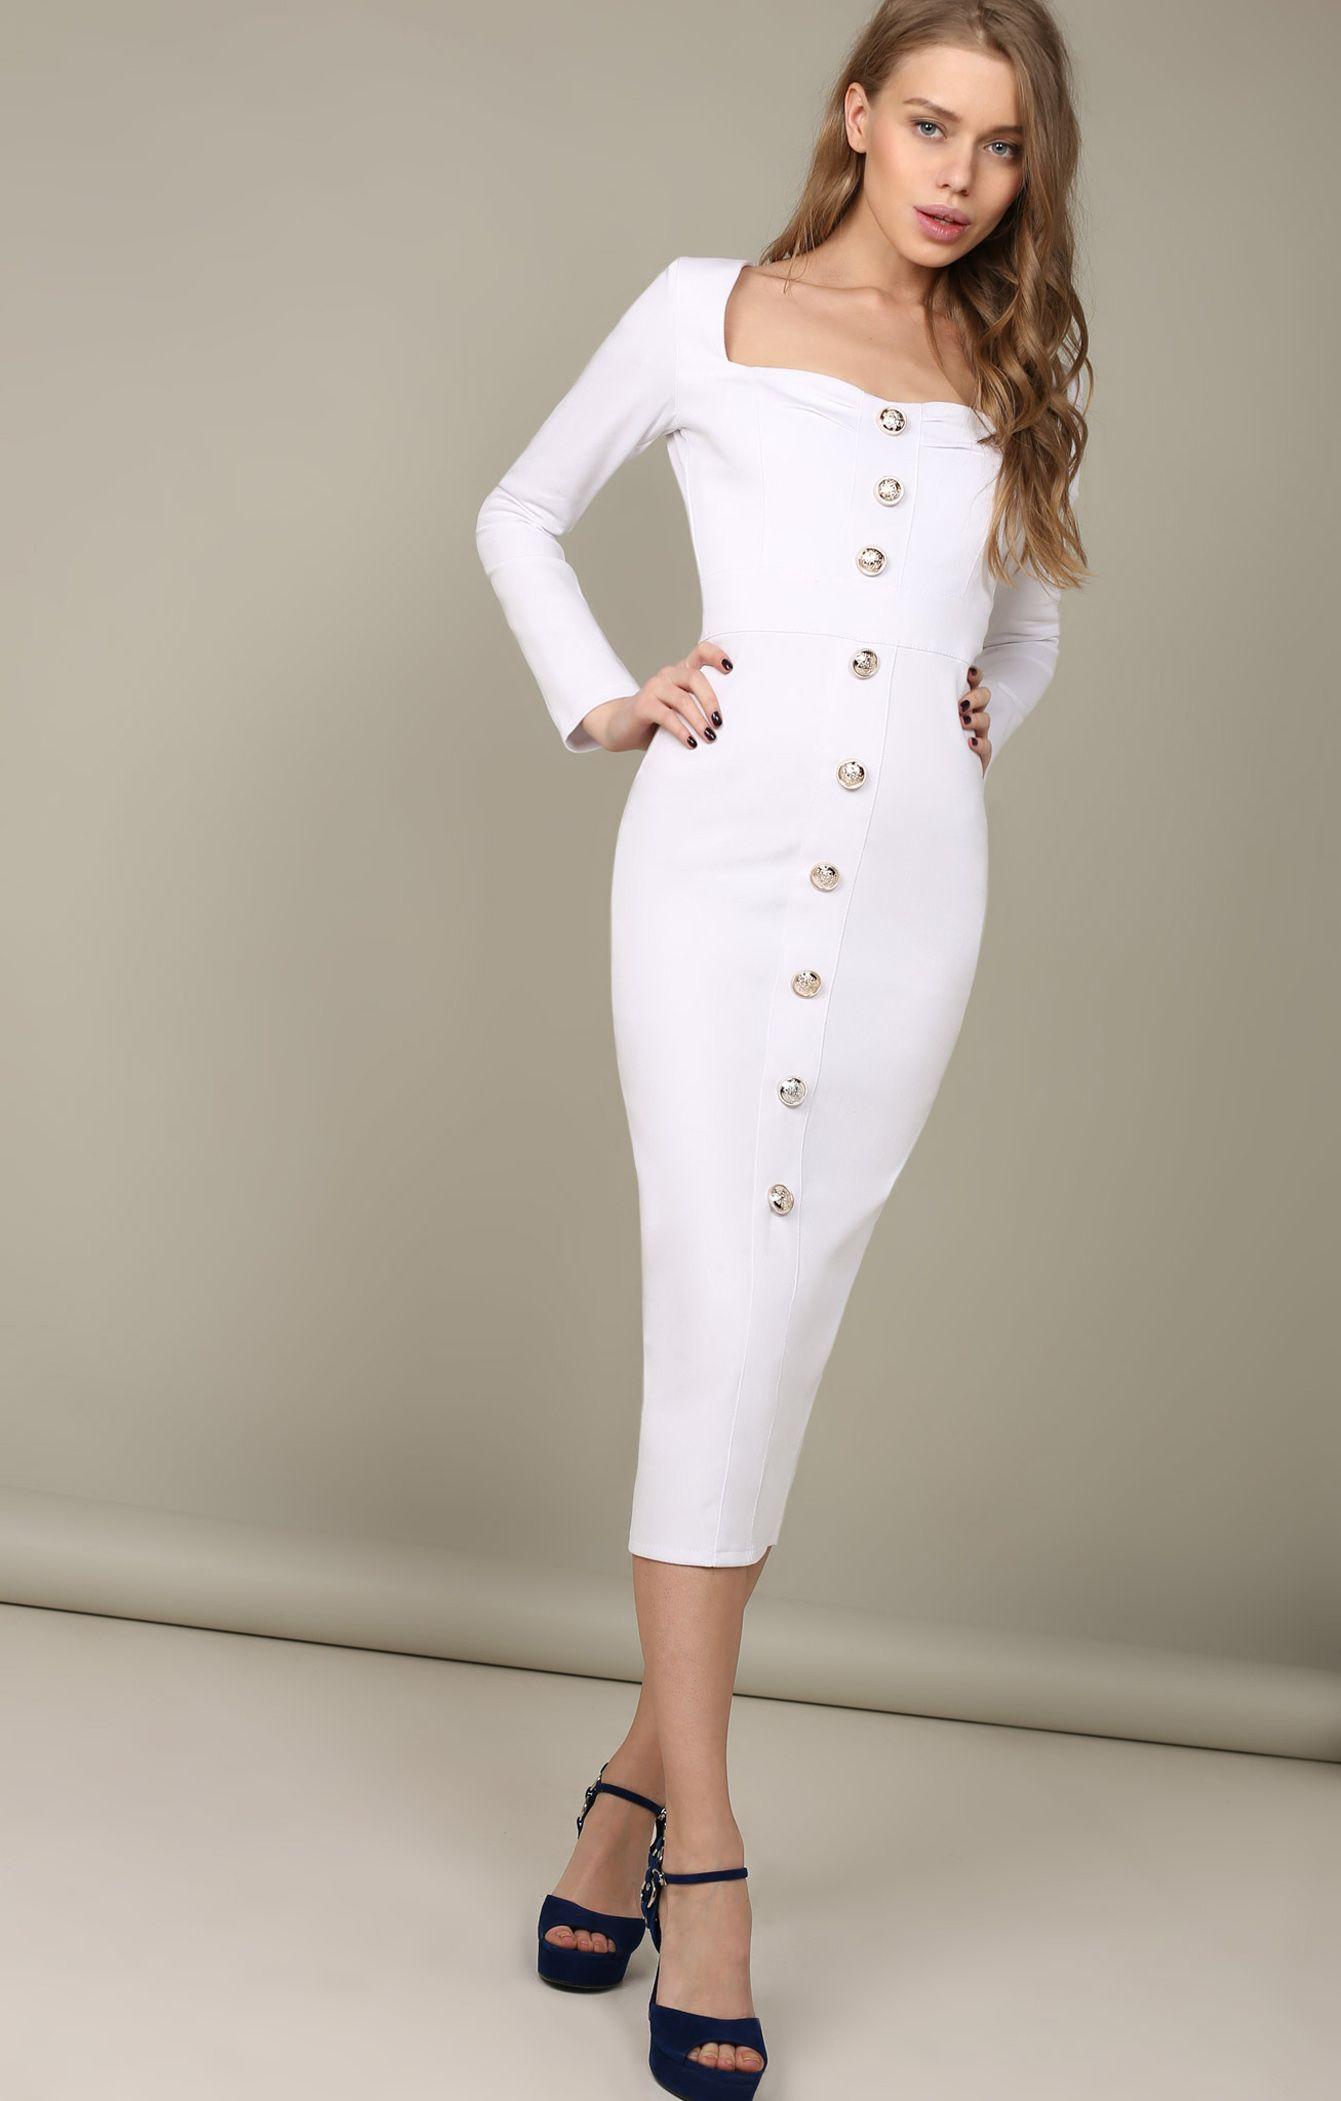 Купить платье интернет магазин бренд